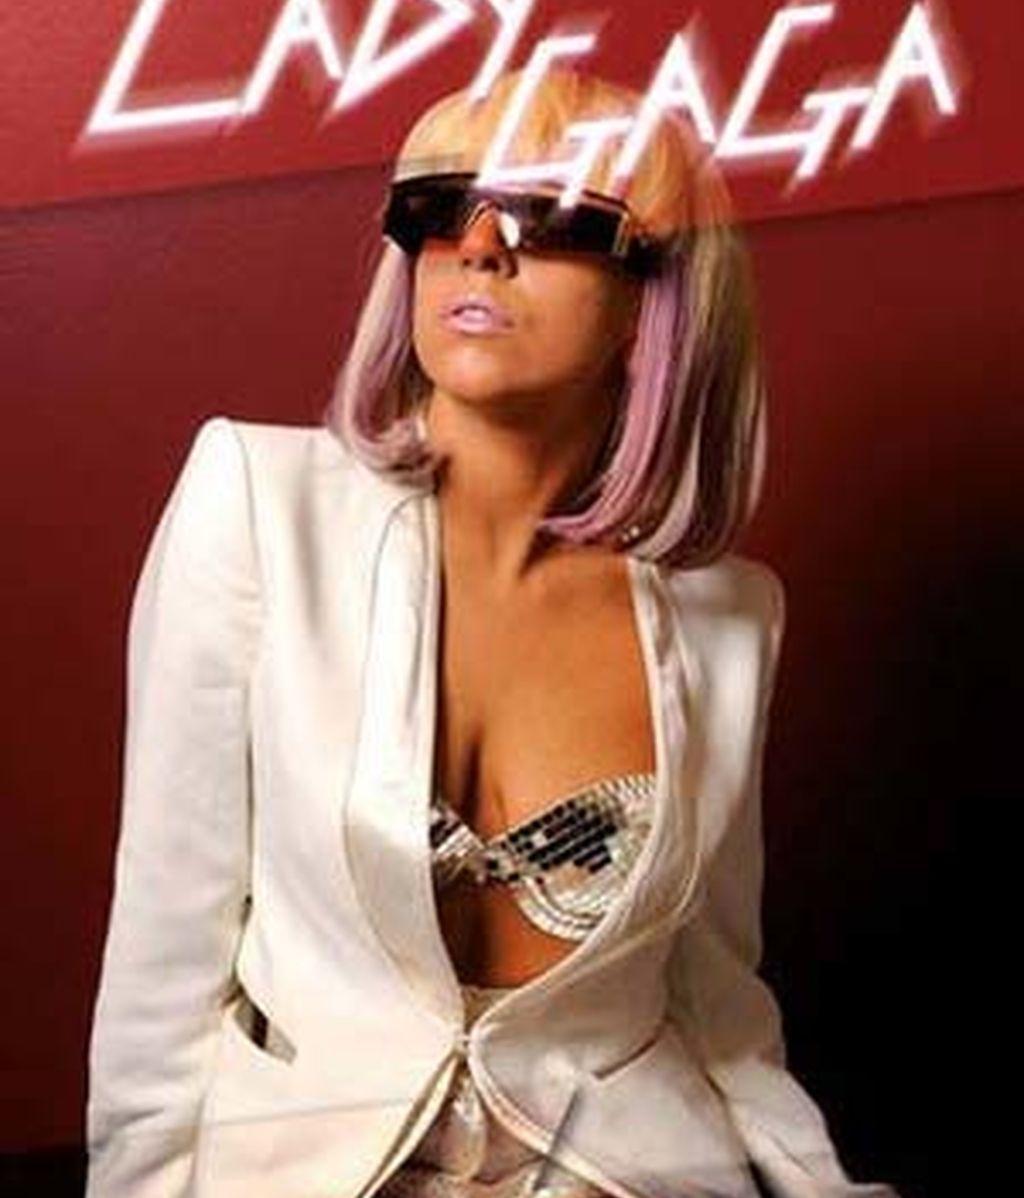 Portada de la biografía de Lady Gaga.